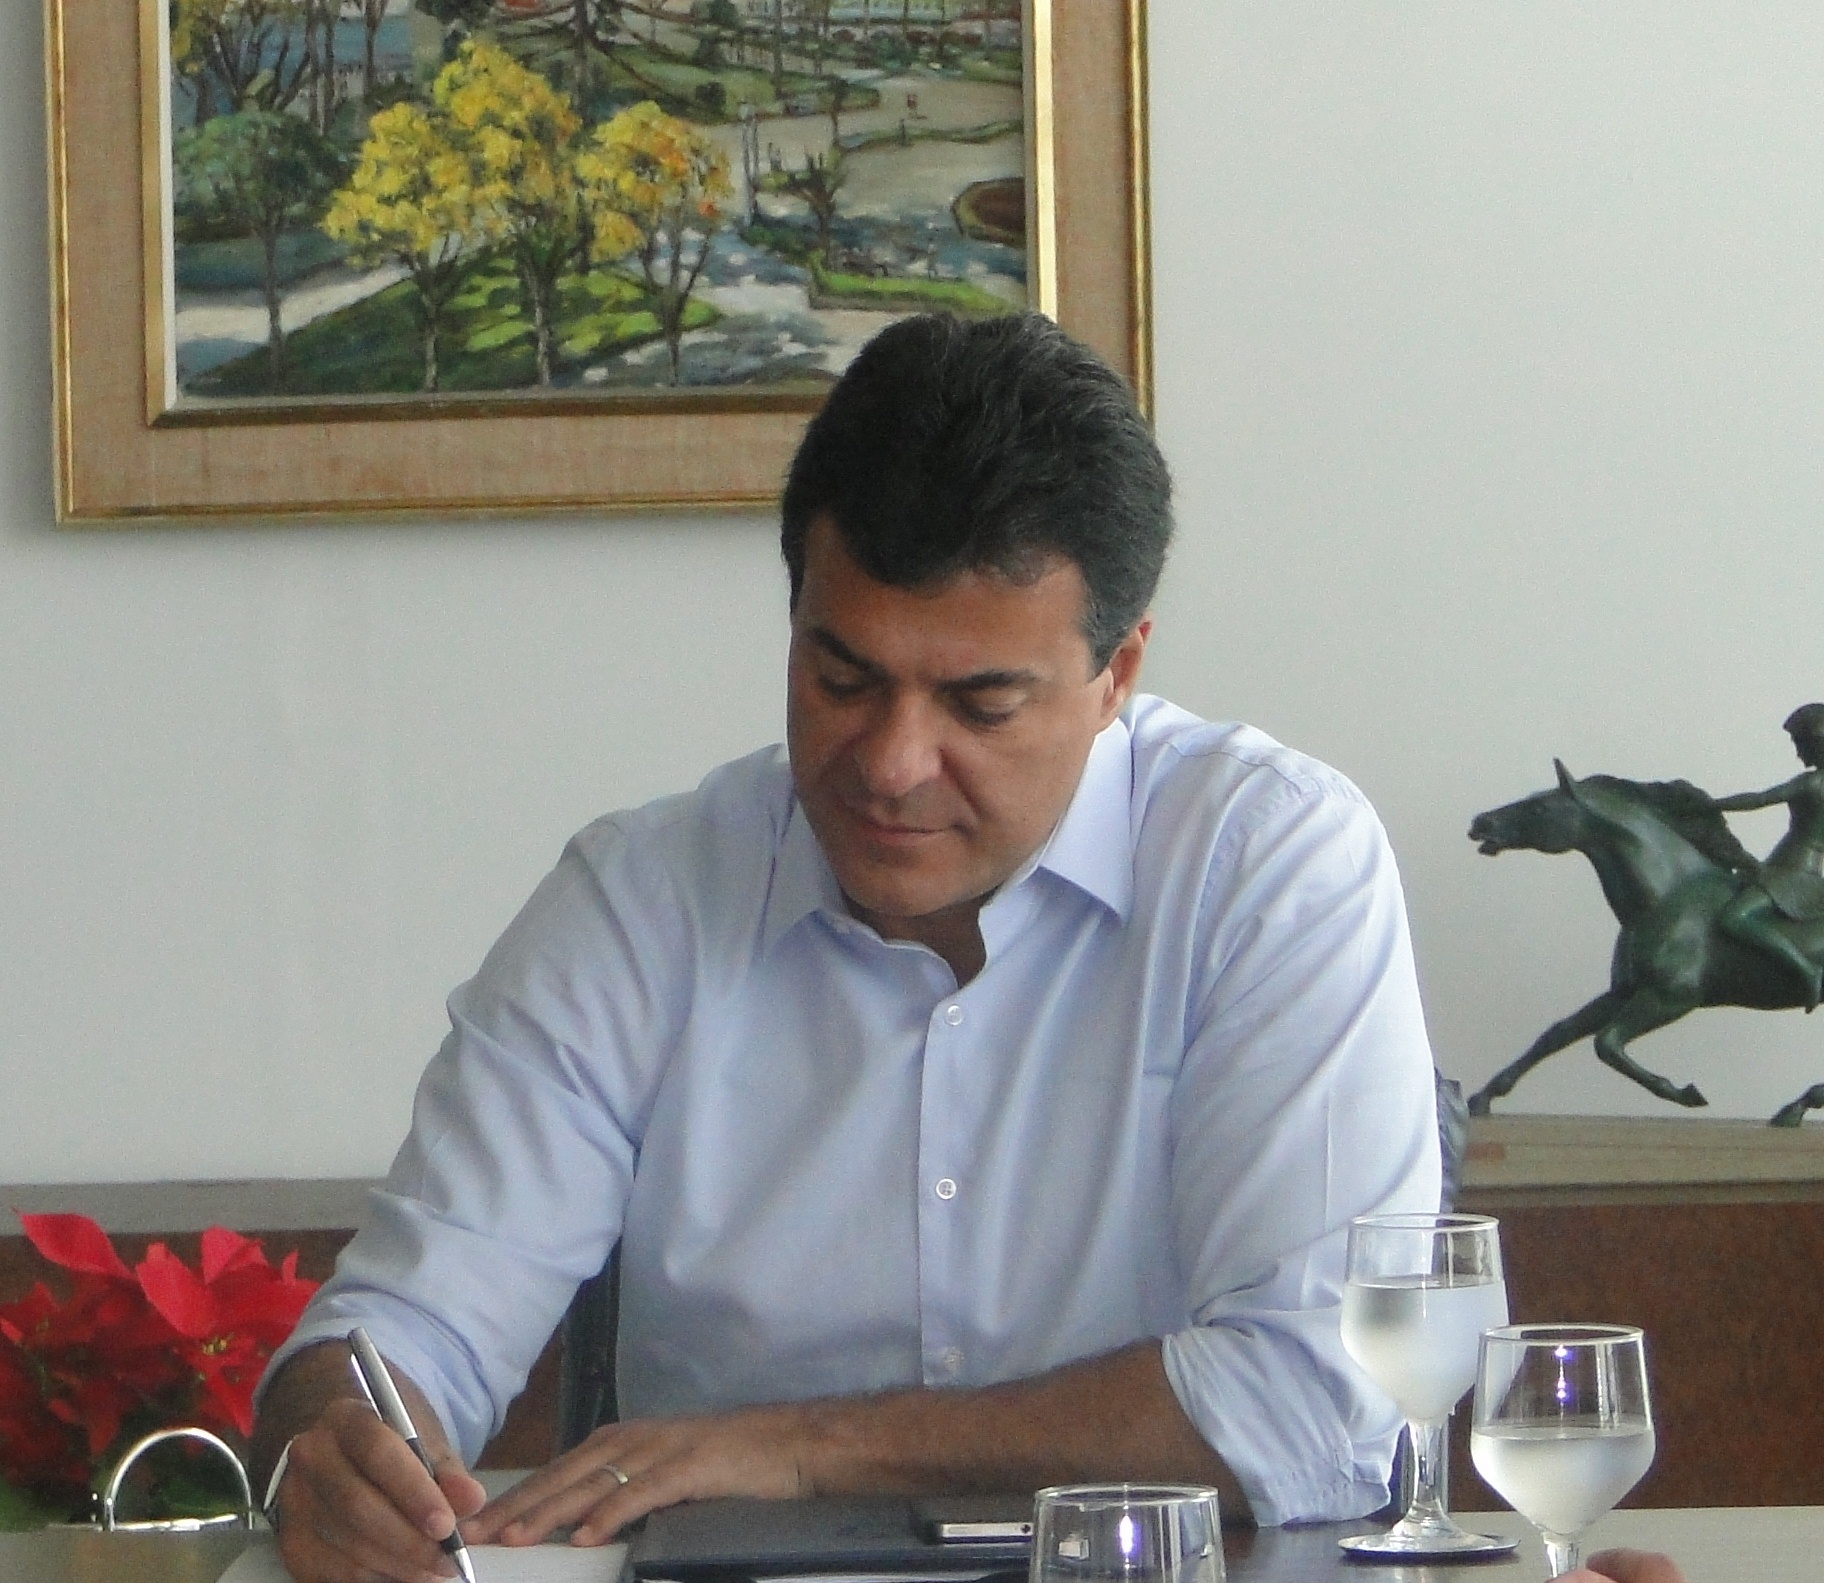 Governador autoriza início das obras da estrada Cel. Domingos Soares a Palmas